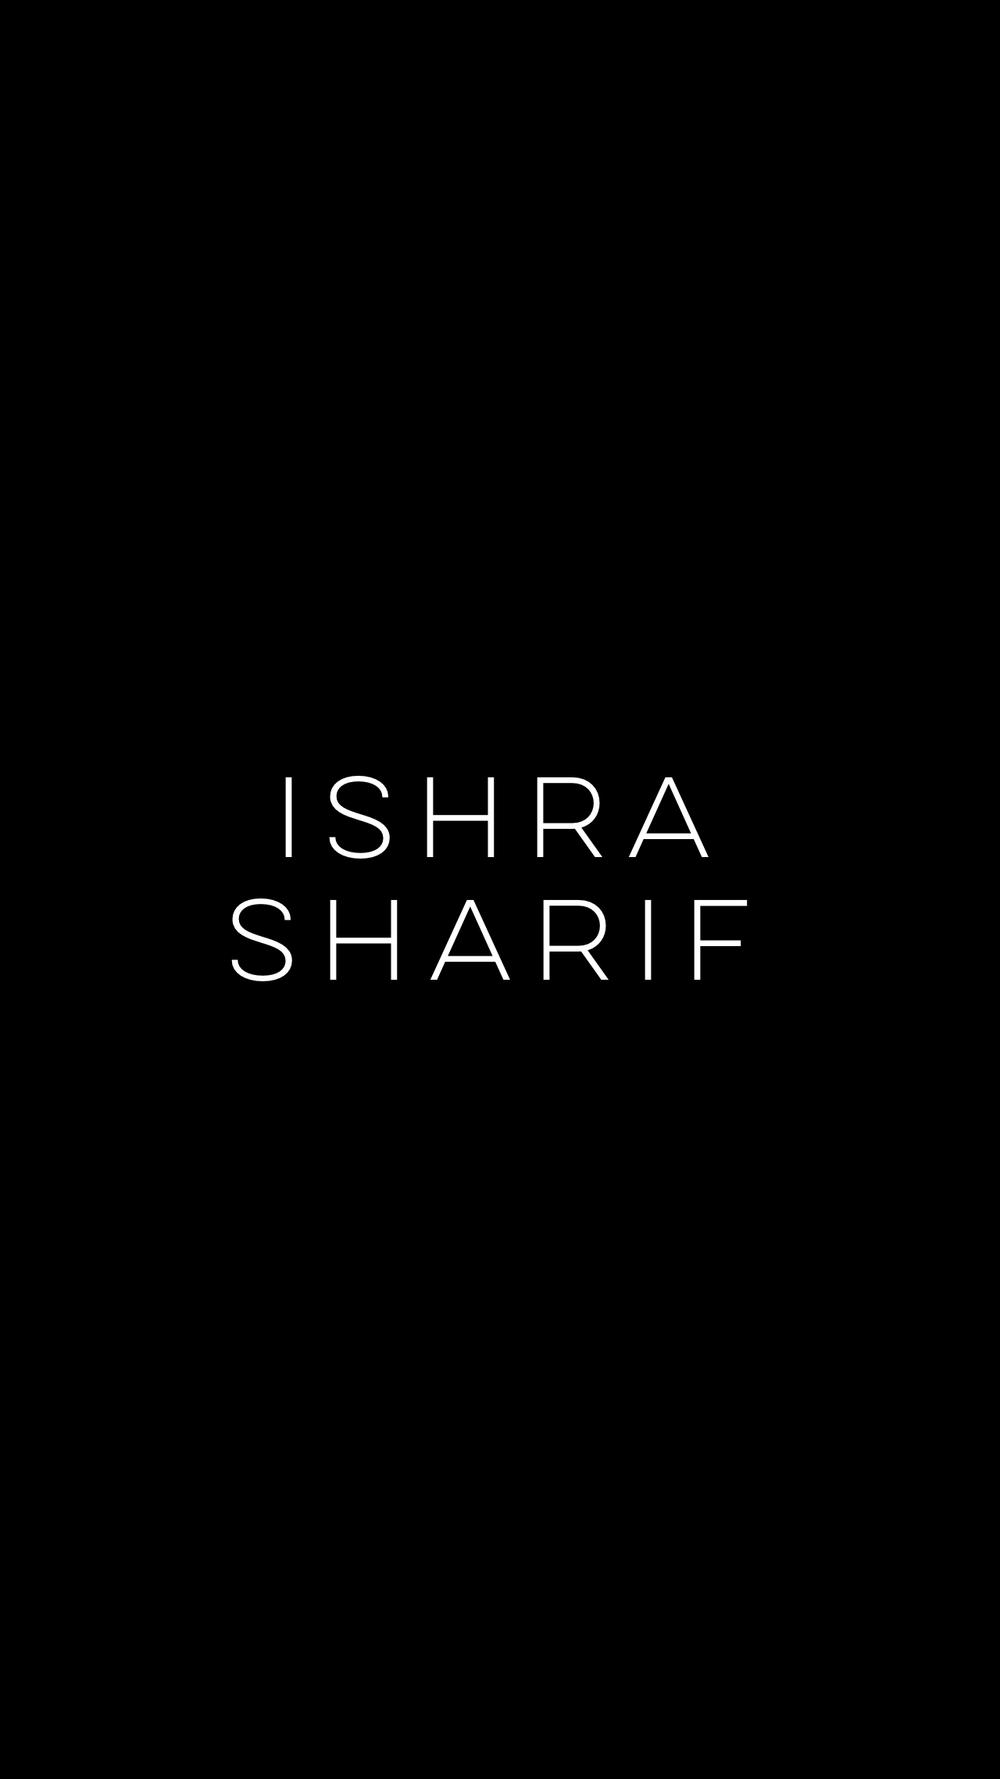 ISHRA SHARIF.jpg